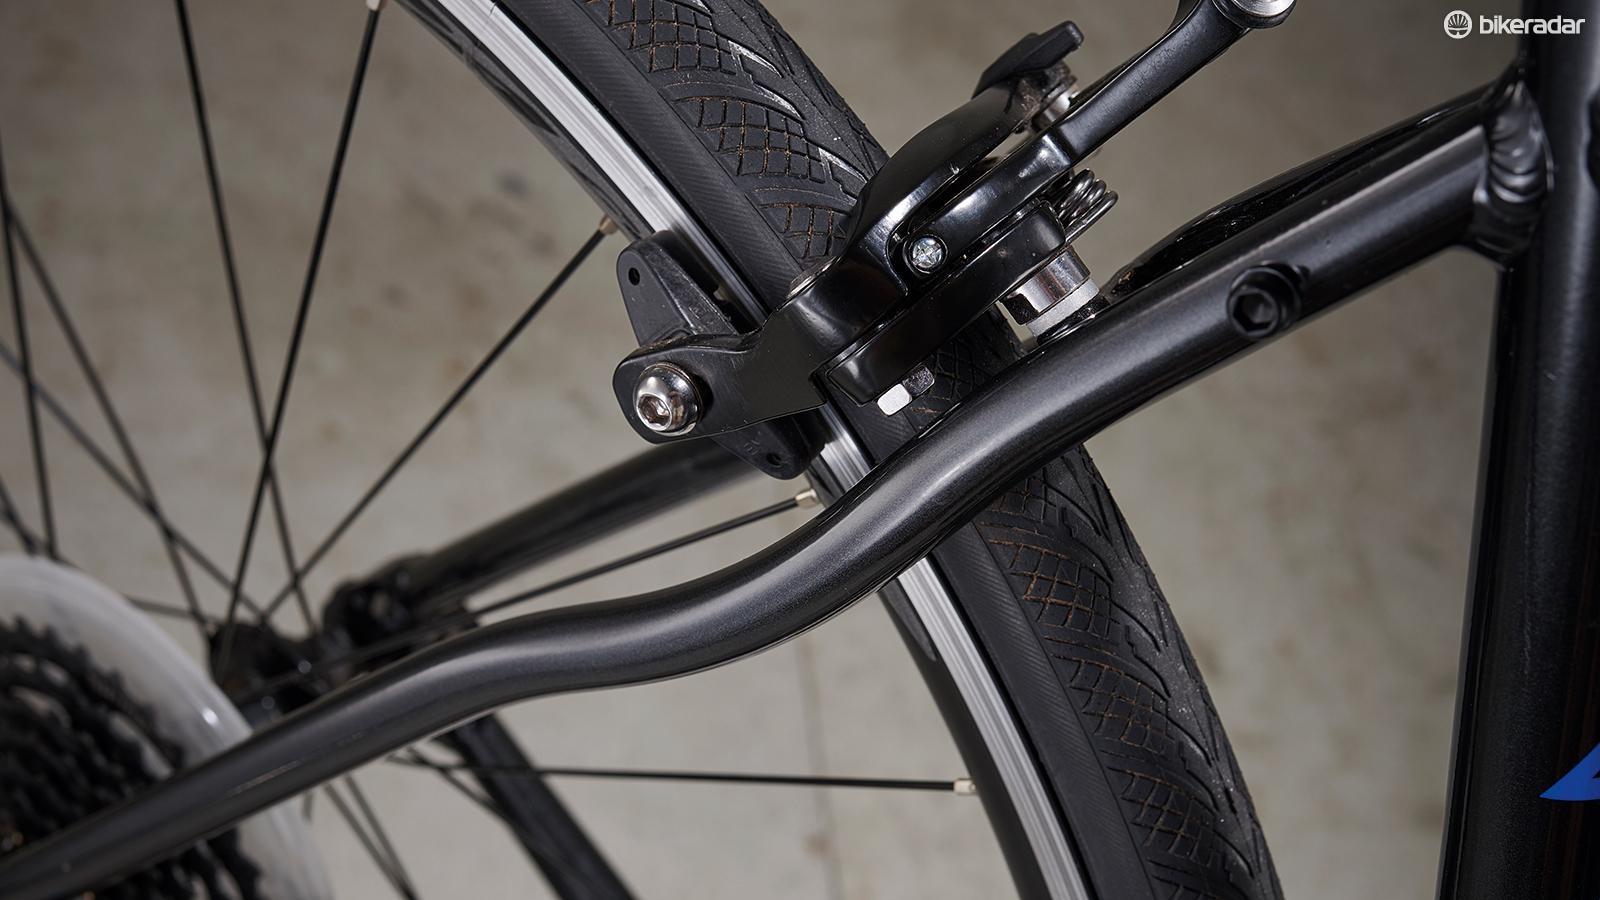 Fuji Sportif 2 3 review - BikeRadar